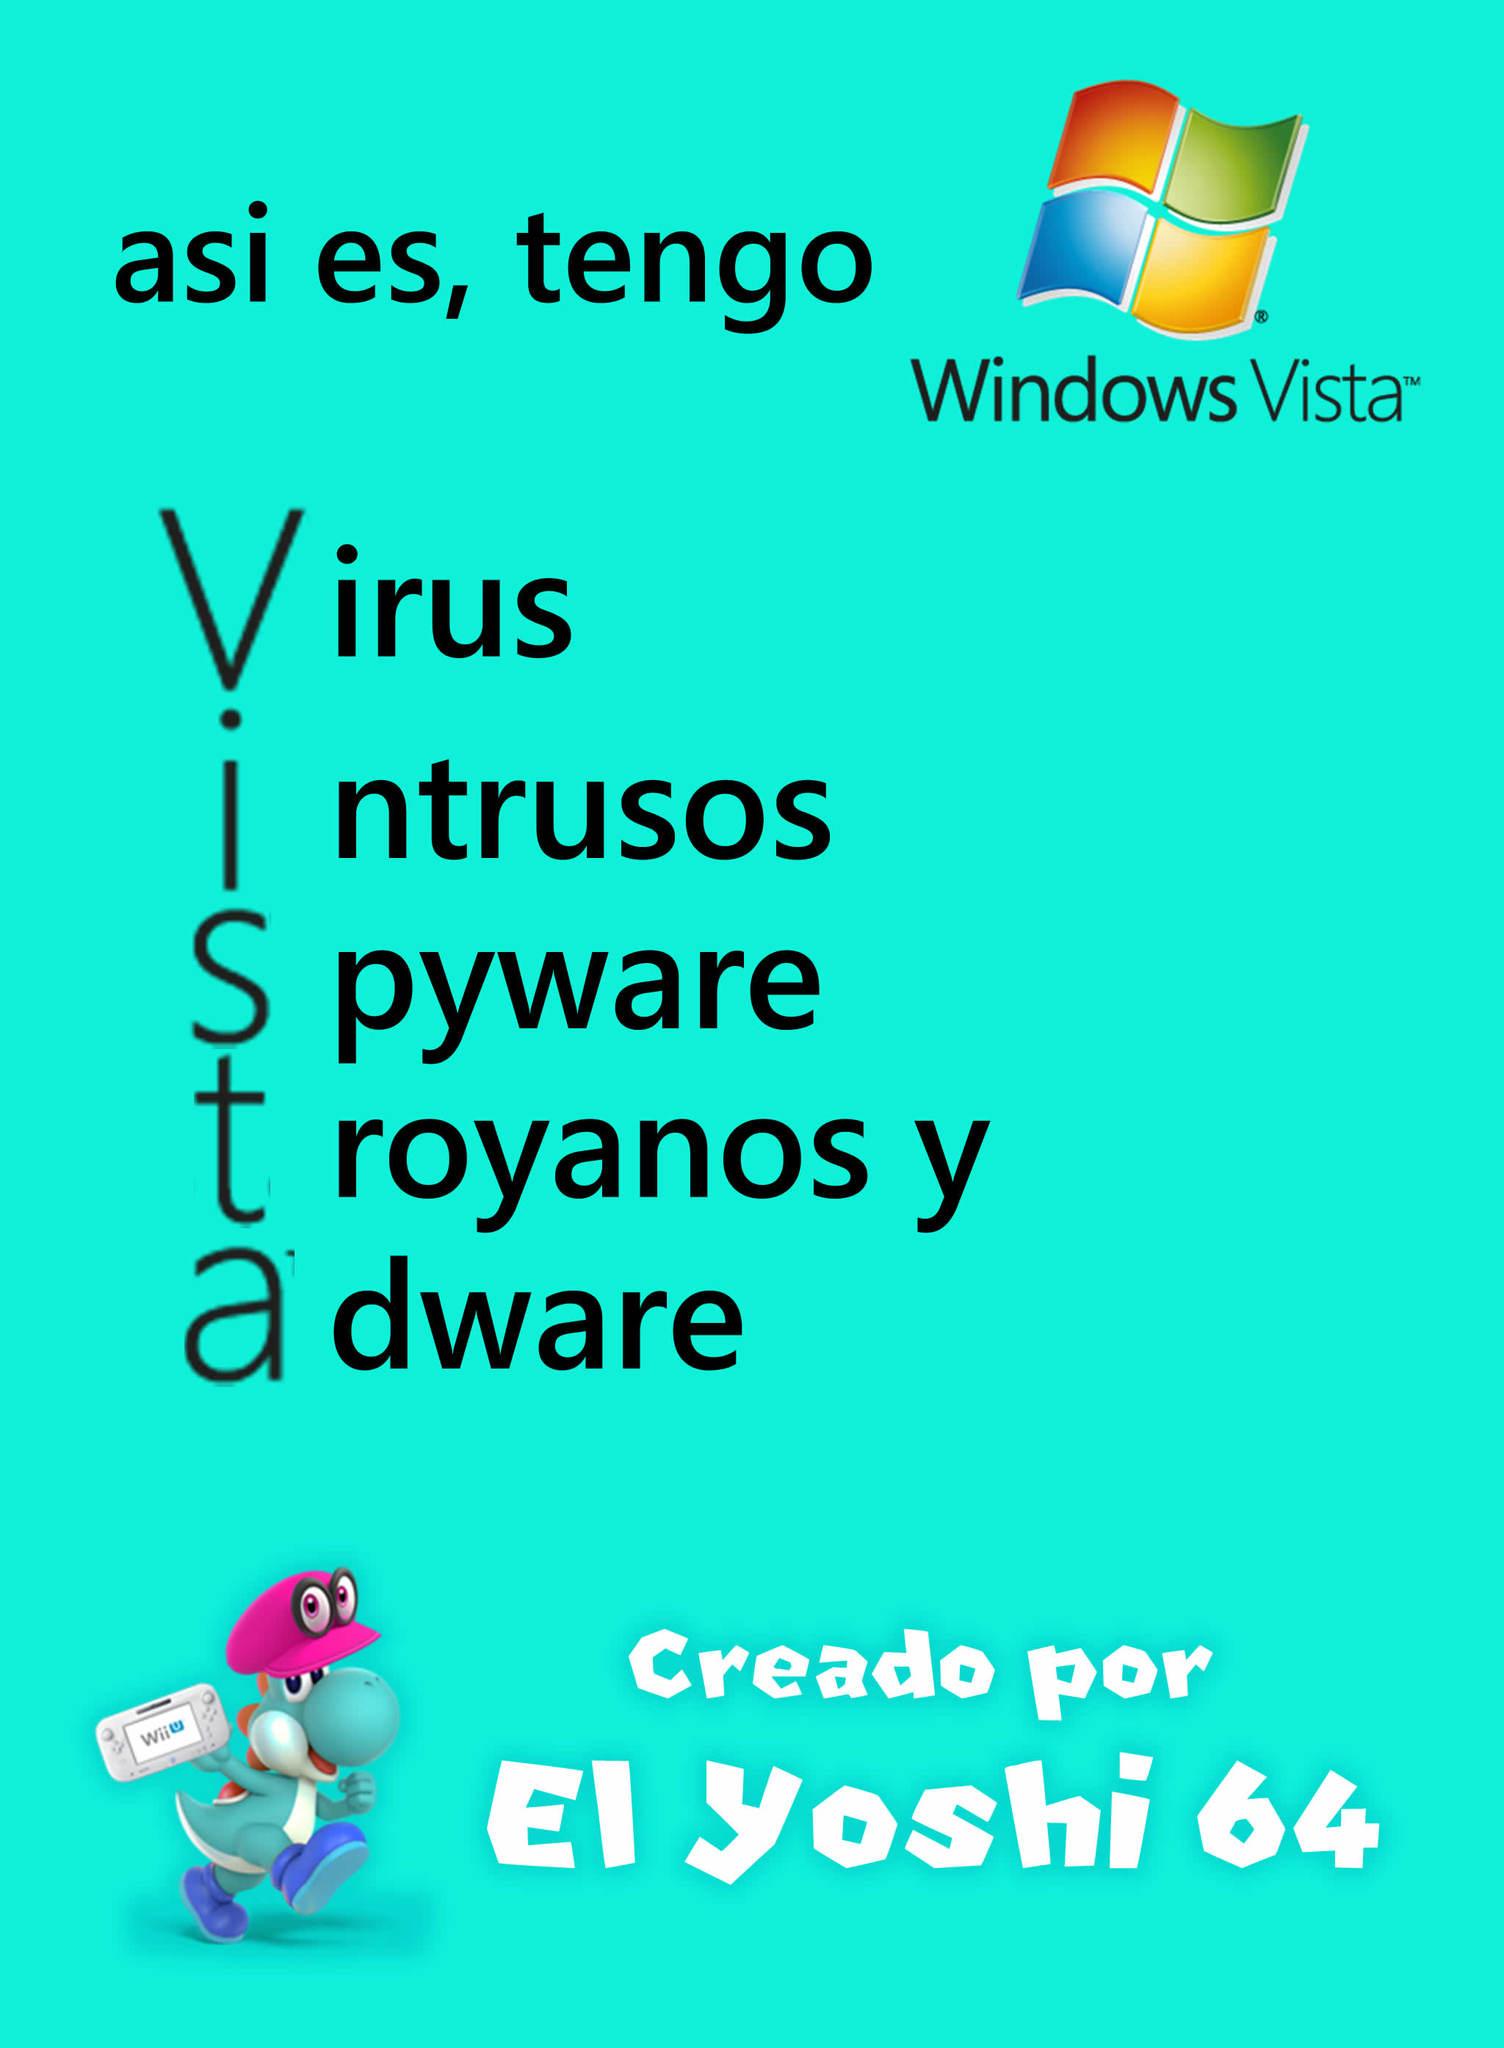 Hice otro meme mas de Windows Vista - PD: En realidad tengo Windows 7 y Windows 10 - Meme hecho desde Windows 7